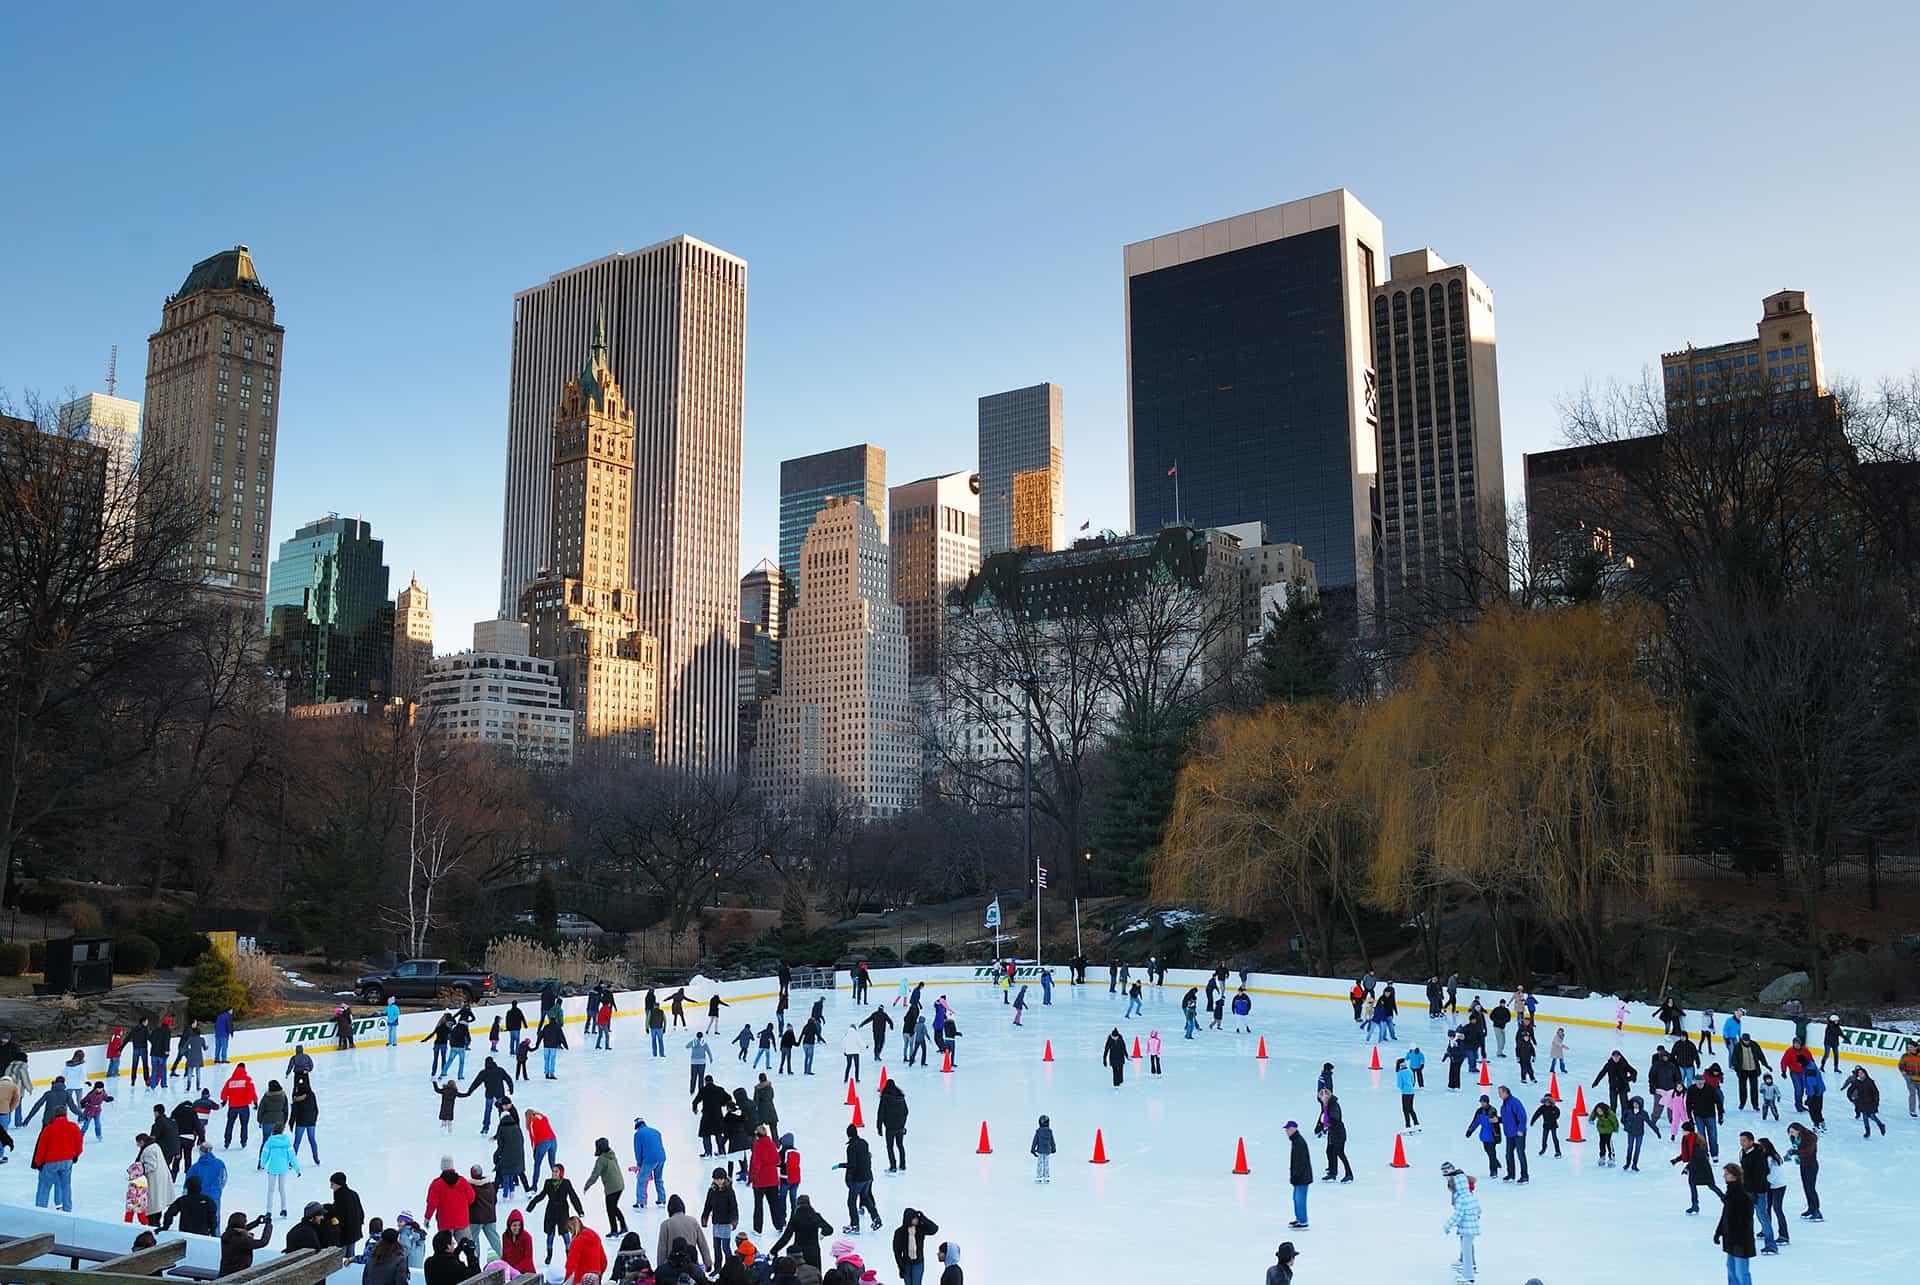 nouvel an central park